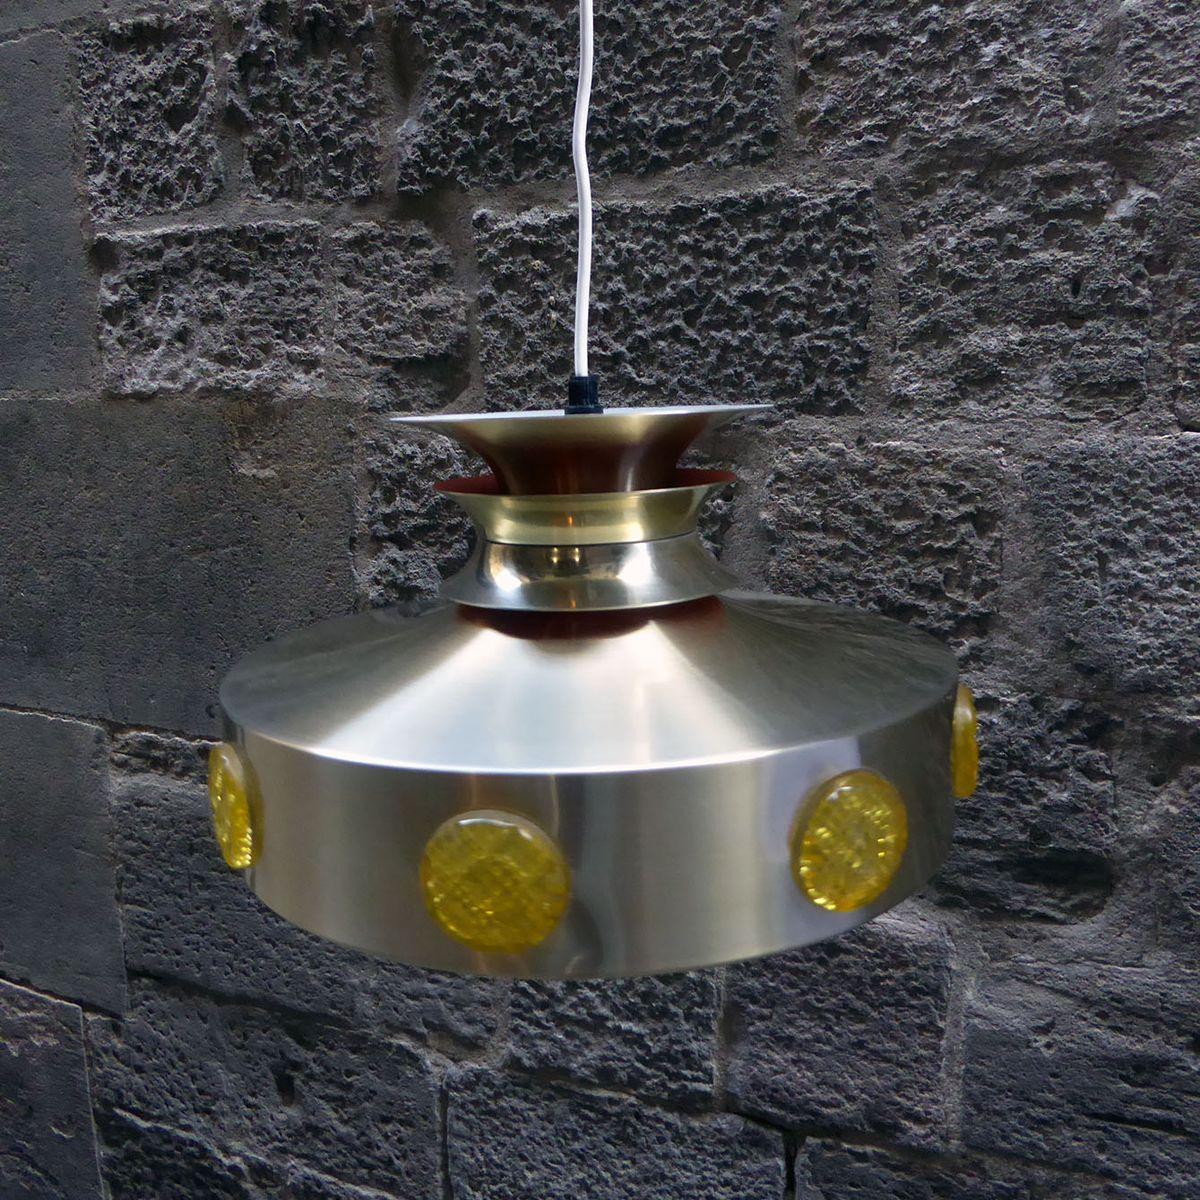 D nische messing deckenlampe bei pamono kaufen for Deckenlampe messing